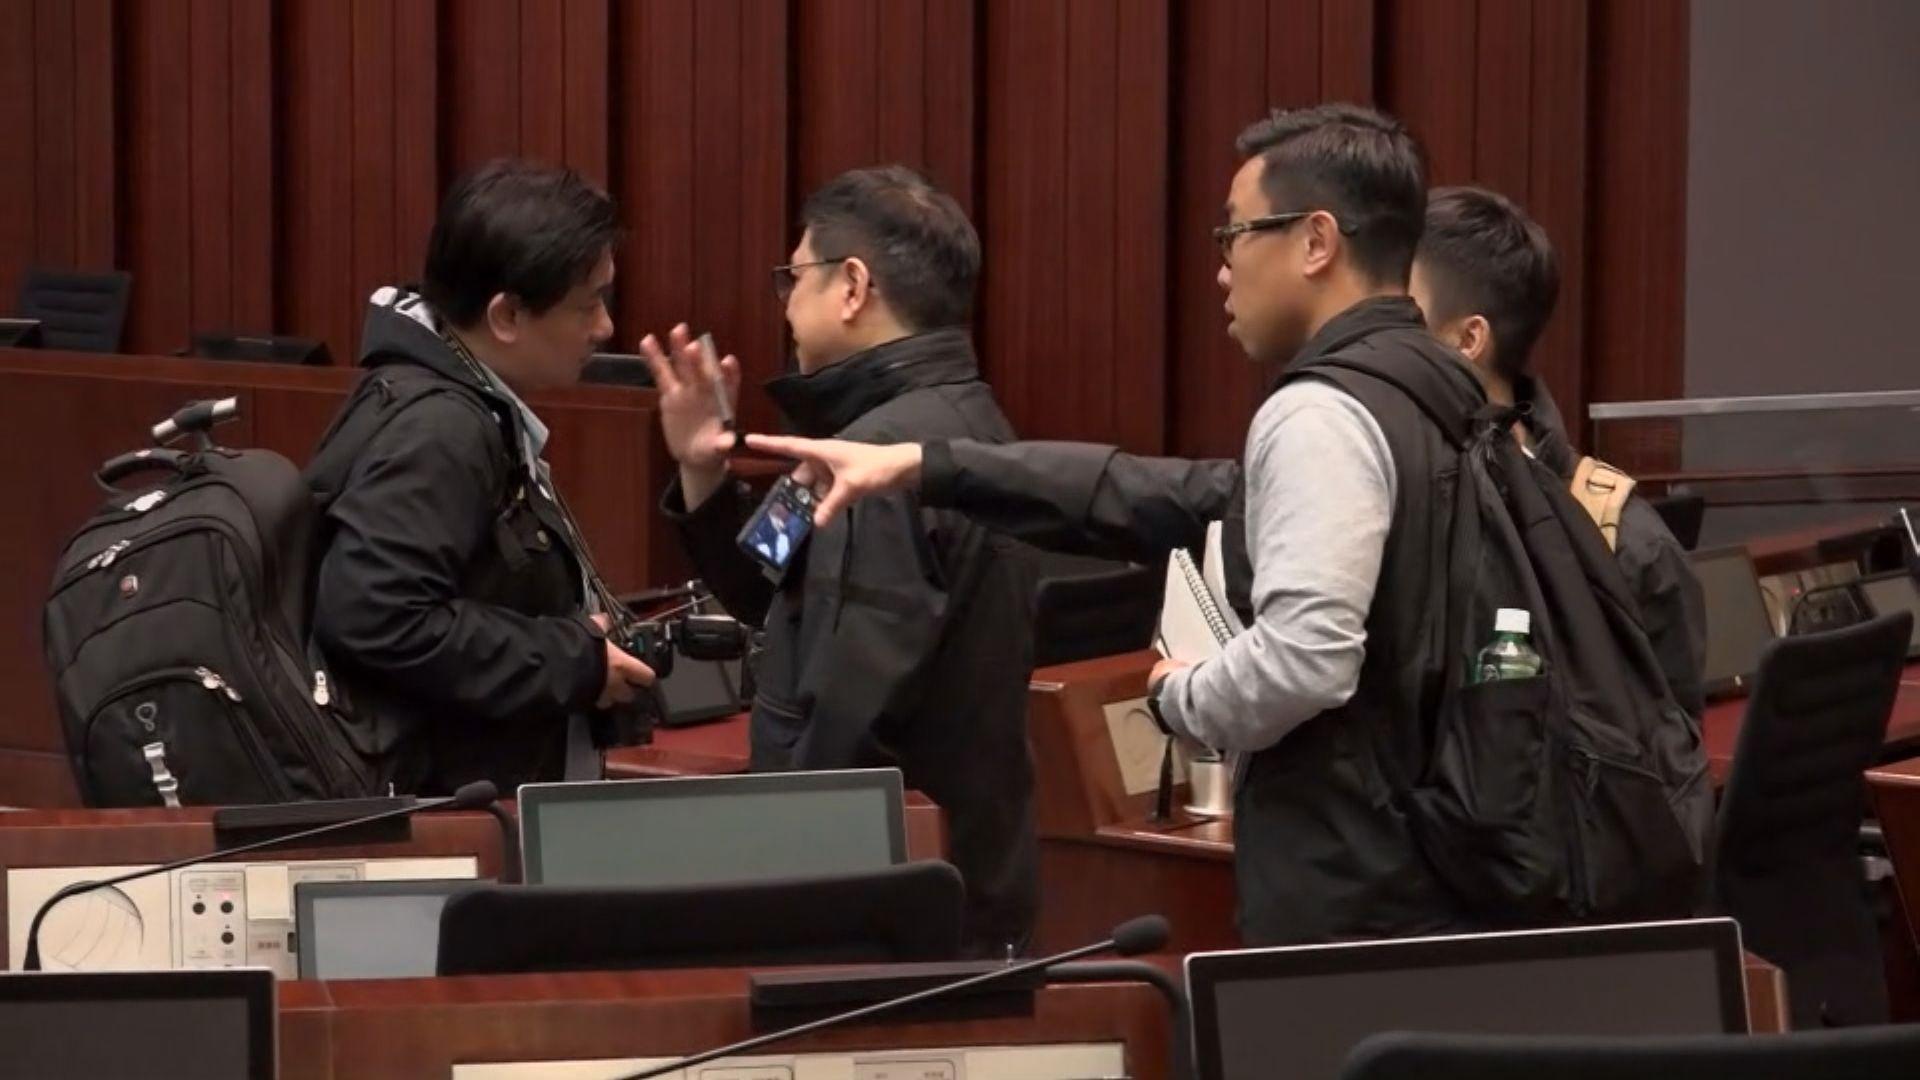 許智峯報稱受襲 警方進入立法會搜證